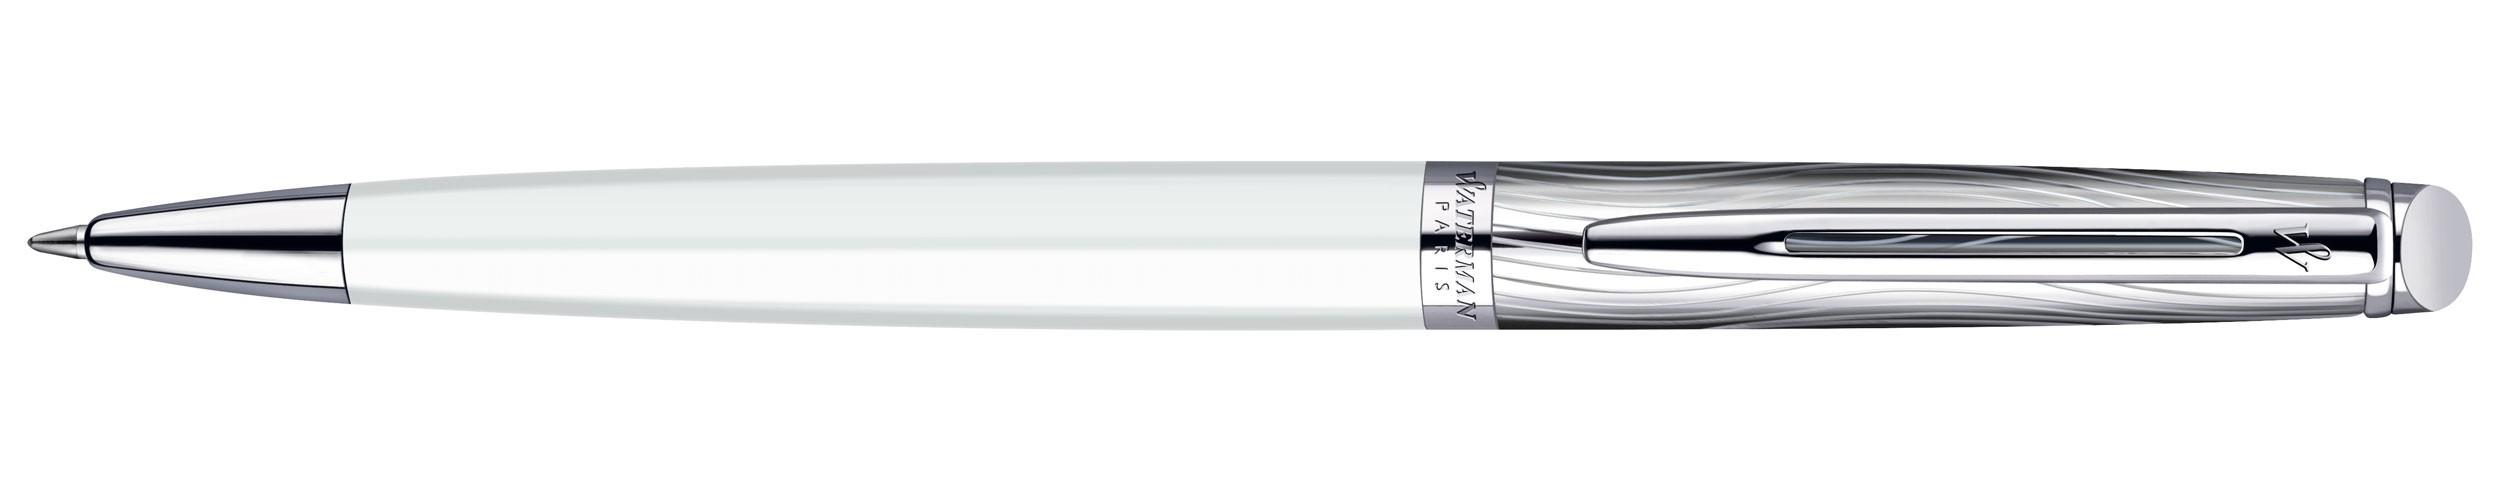 Шариковая ручка Waterman Hemisphere Deluxe White CT